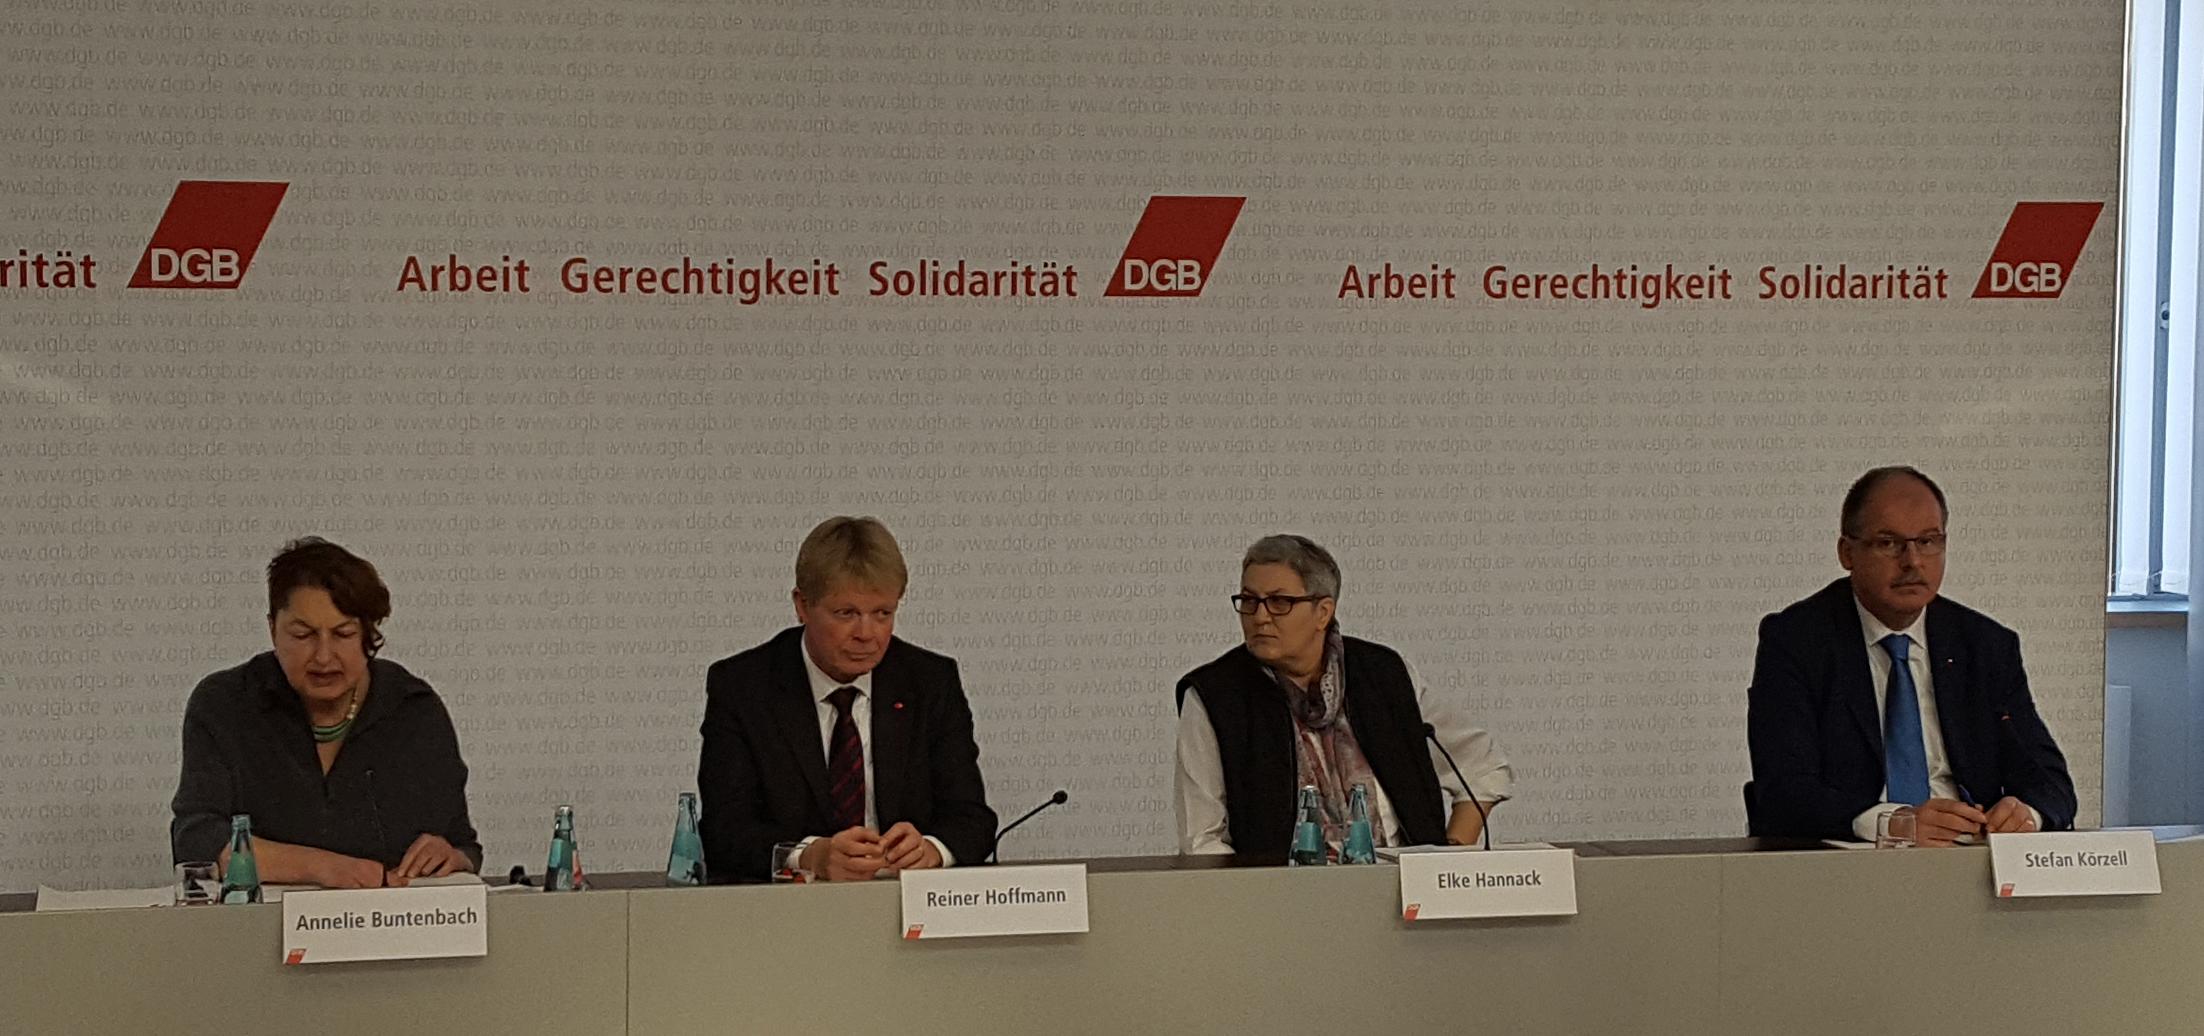 Elke Hannack auf der DGB Jahresauftackt Pressekonferenz